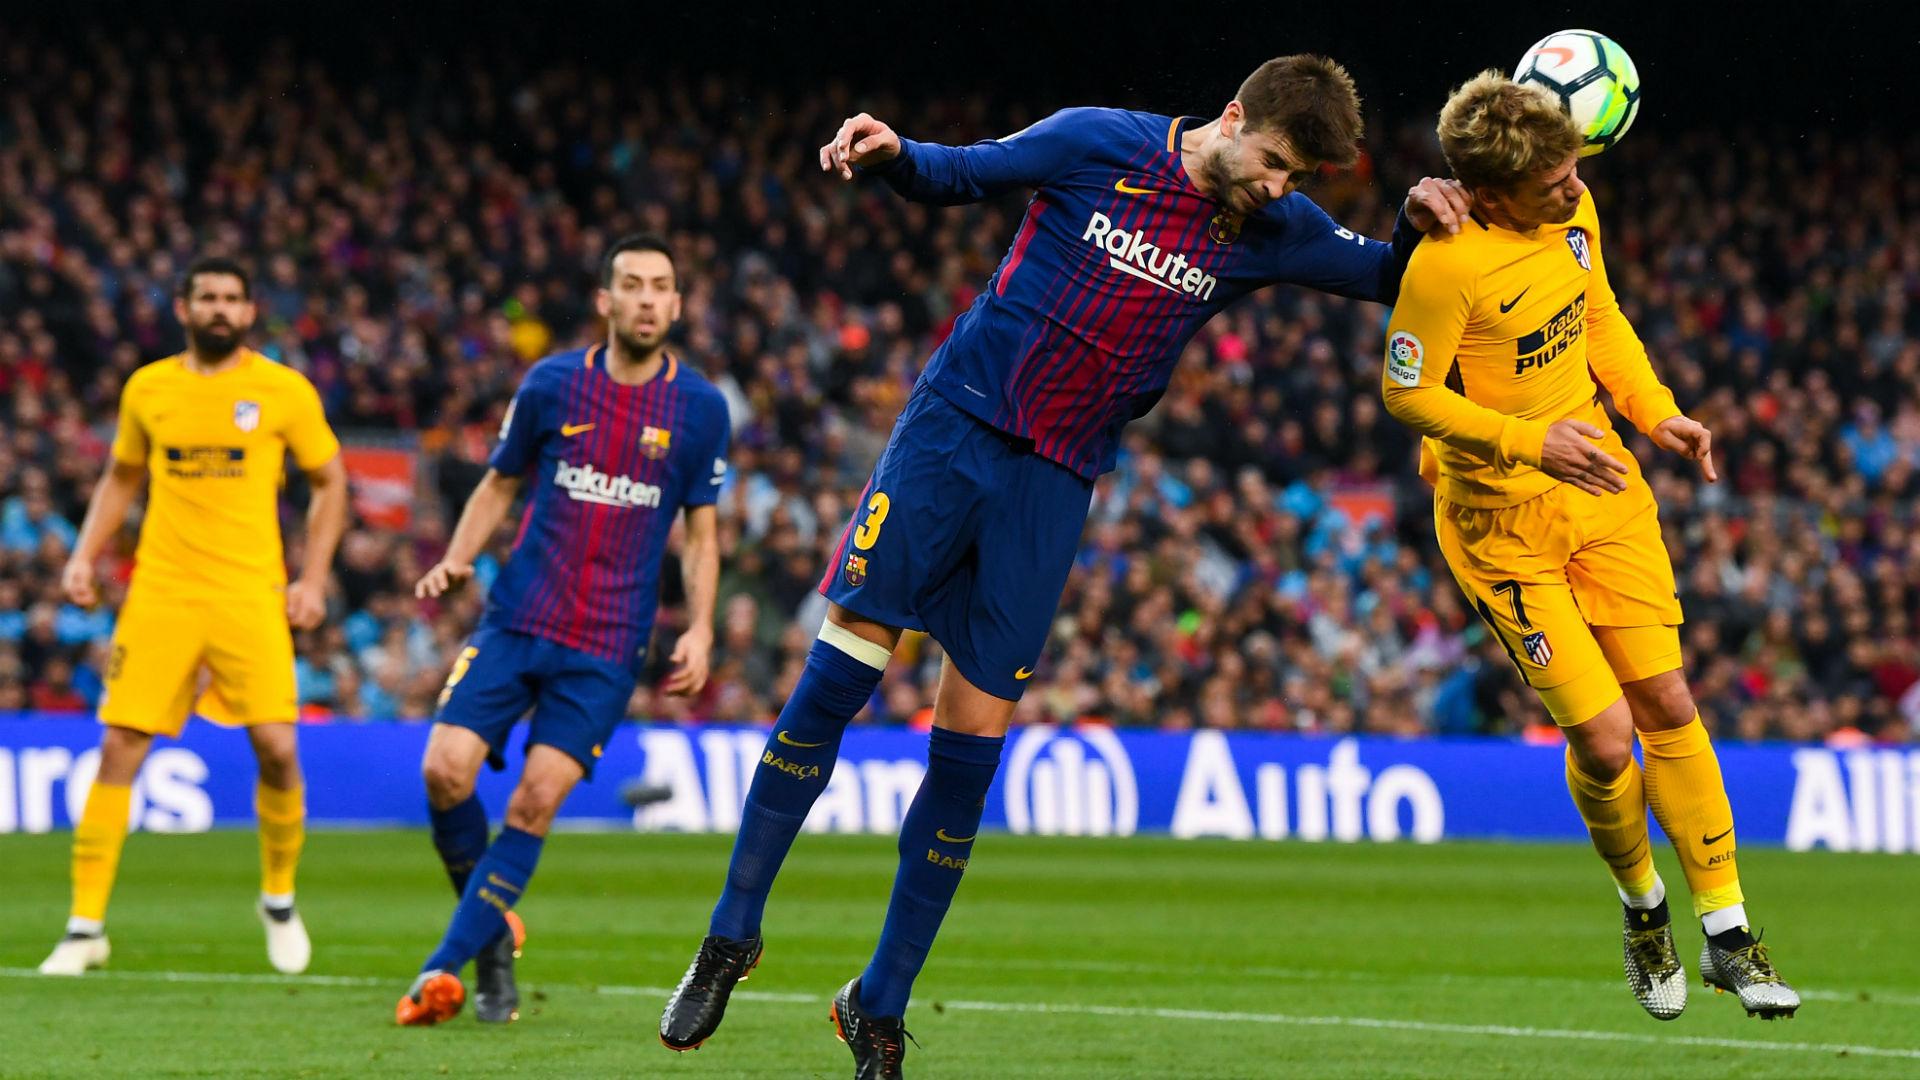 Прогноз на 28.10.2018. Барселона - Реал